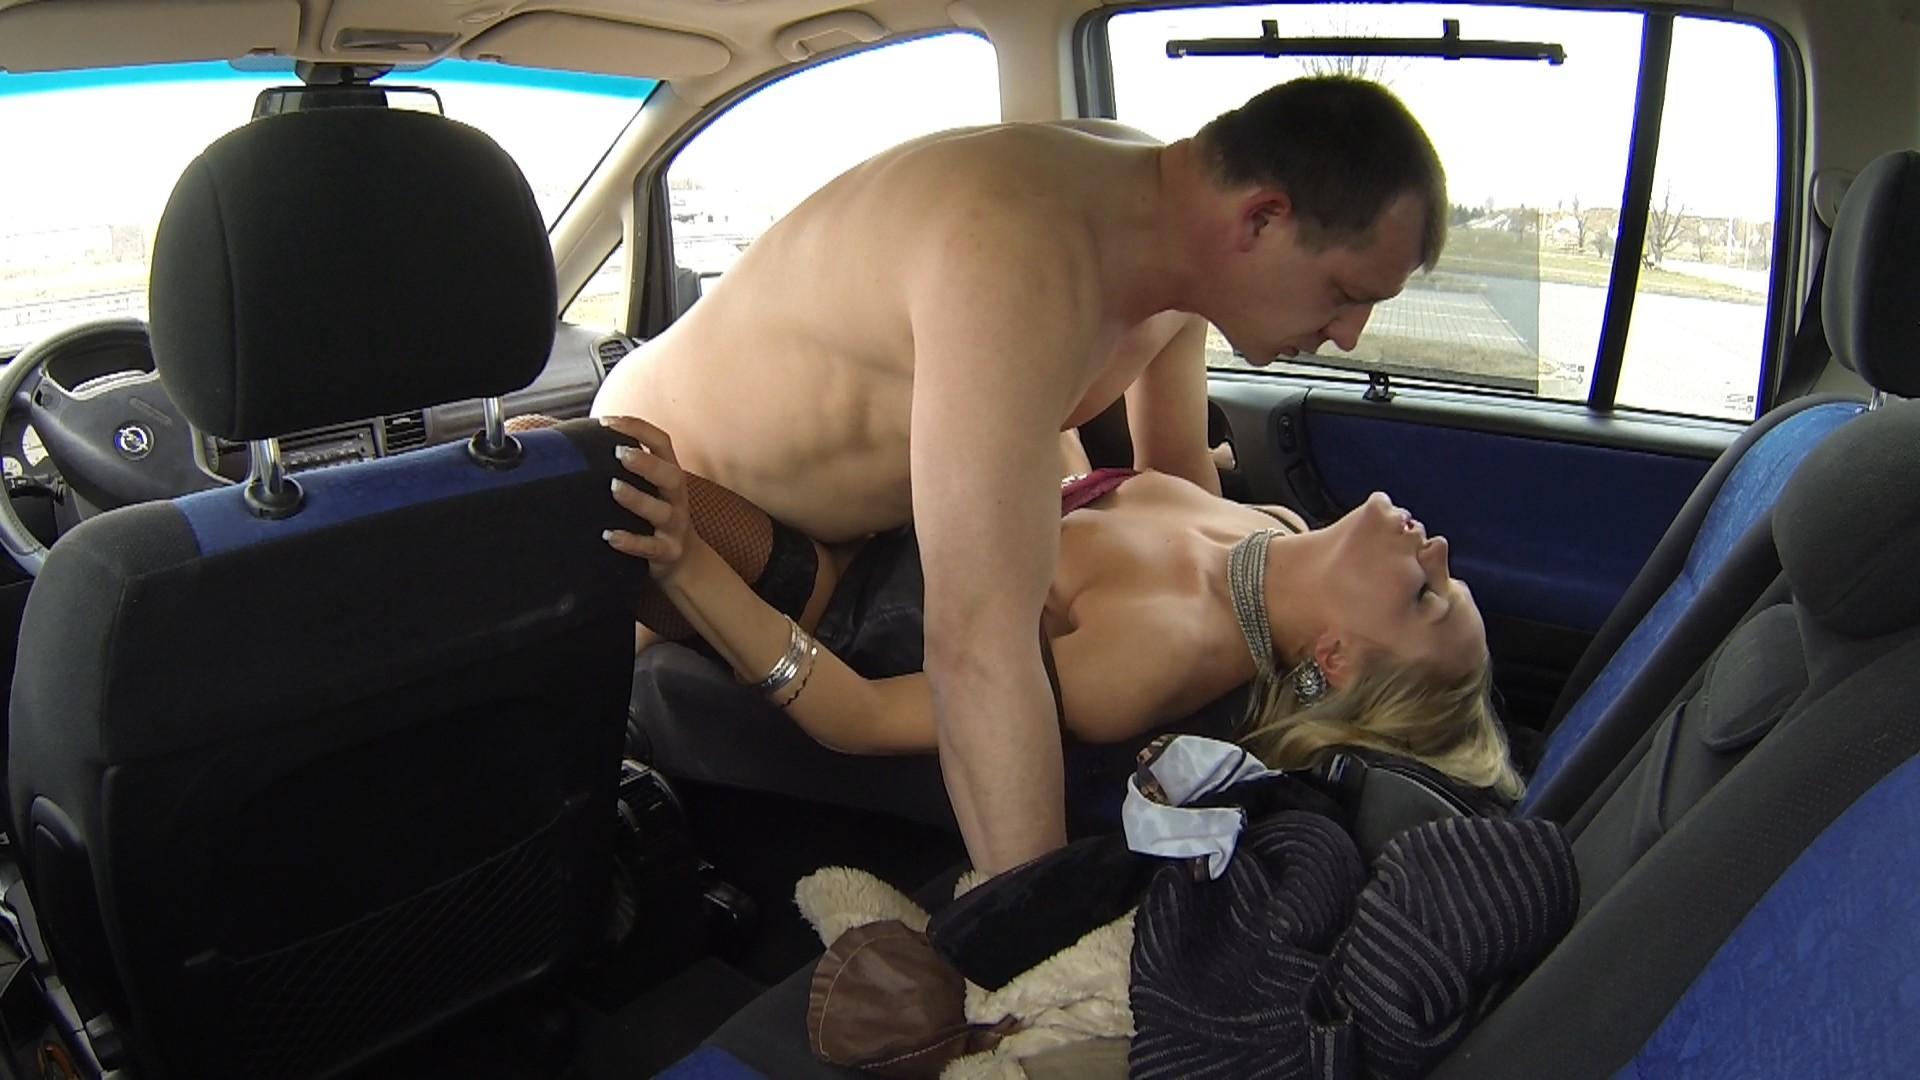 эротических жесткое порно в машине онлайн присаживаюсь деревянный табурет